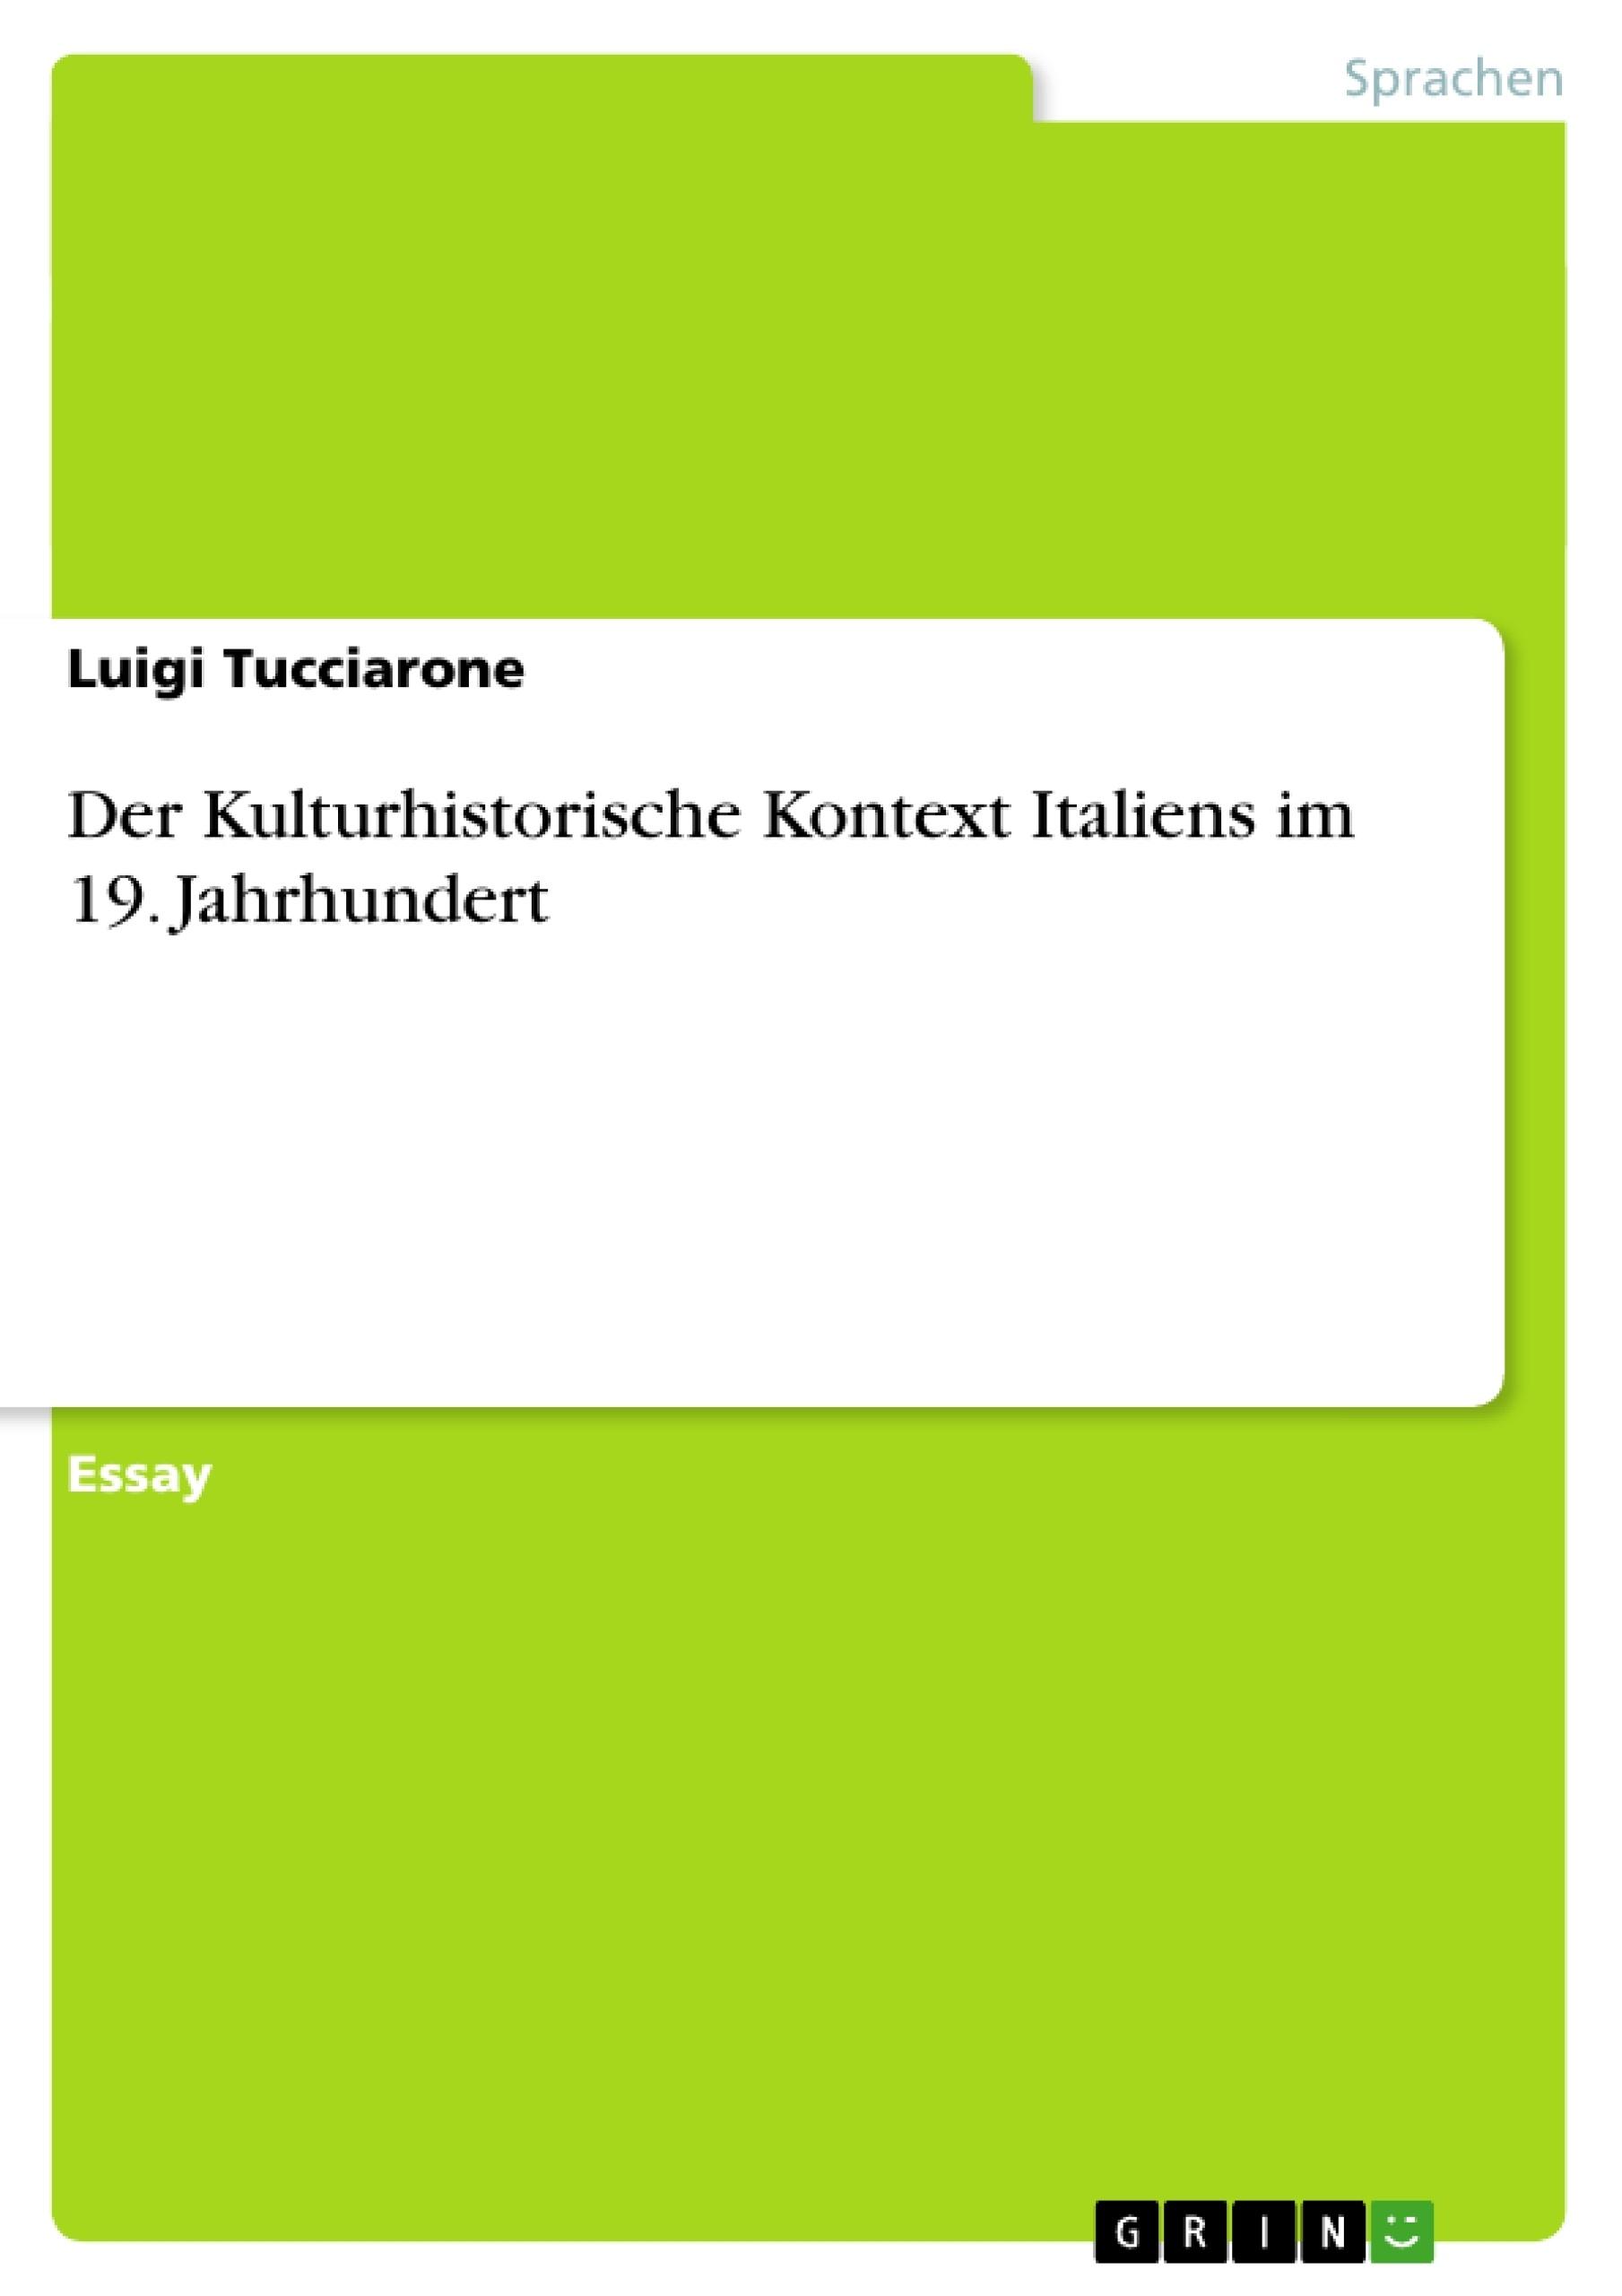 Titel: Der Kulturhistorische Kontext Italiens im 19. Jahrhundert